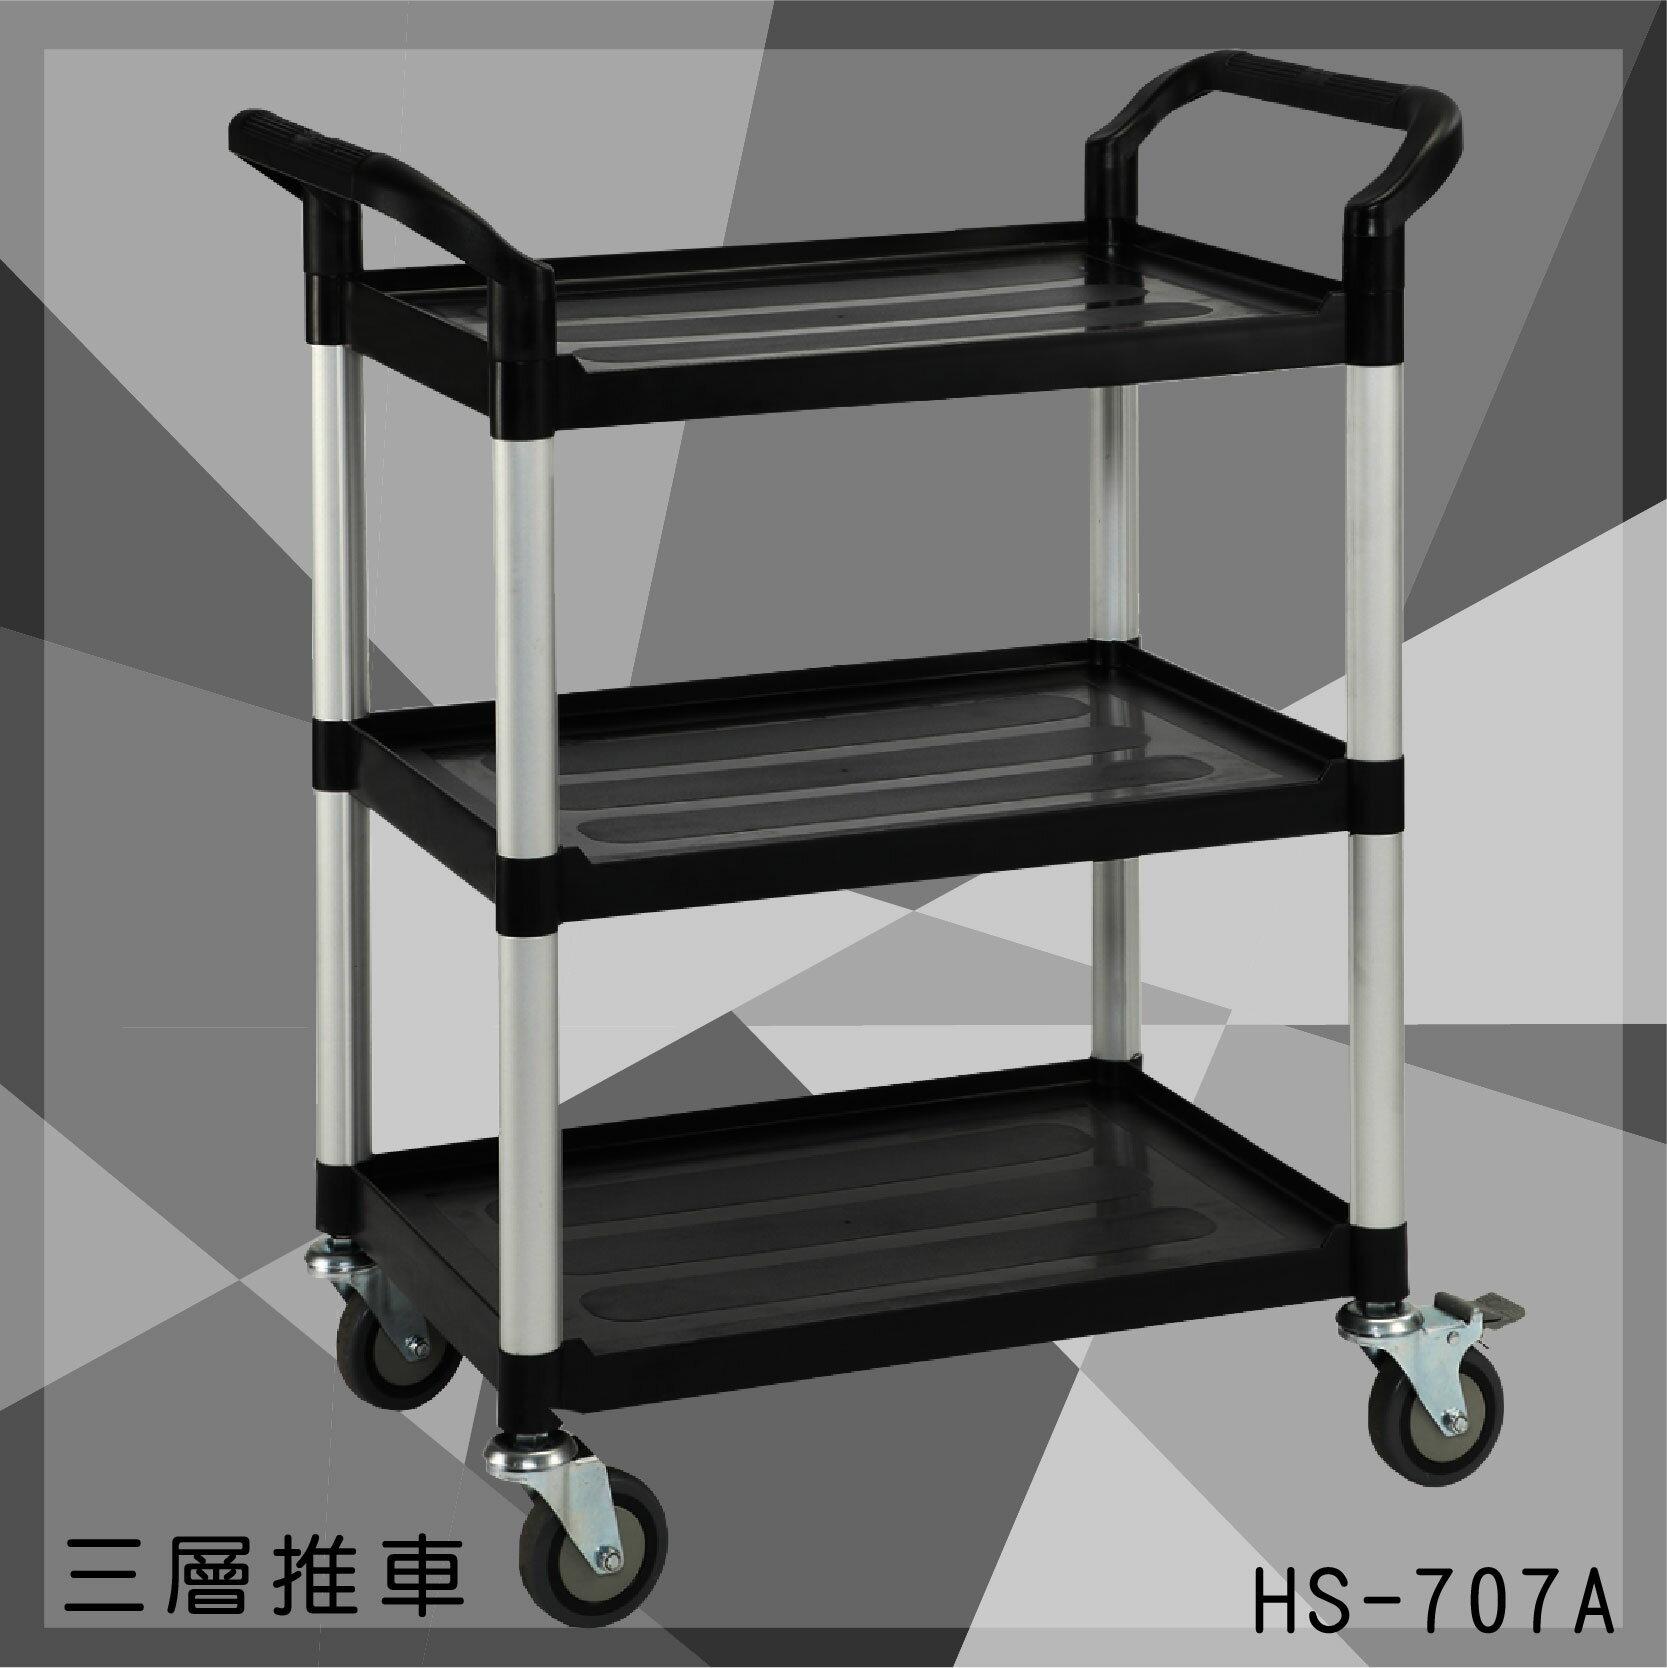 HS-707A 新型三層推車 推車 工具車 運送 收納 餐車